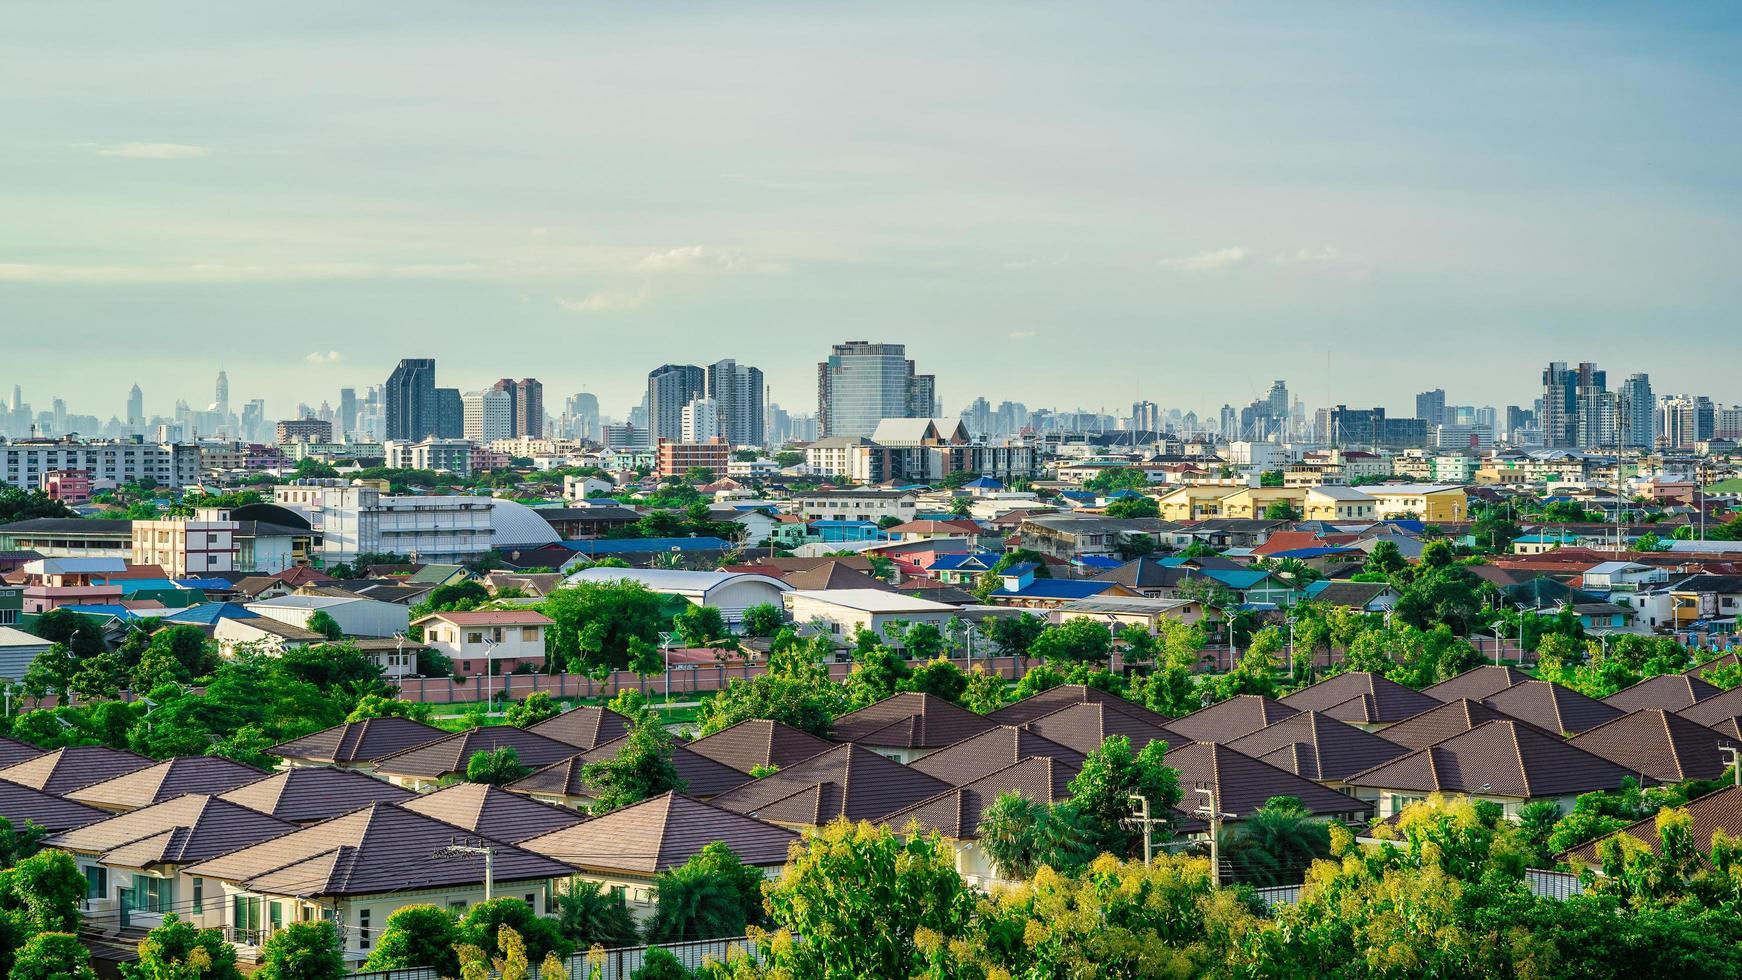 paysage urbain et skyline avec ciel bleu photo